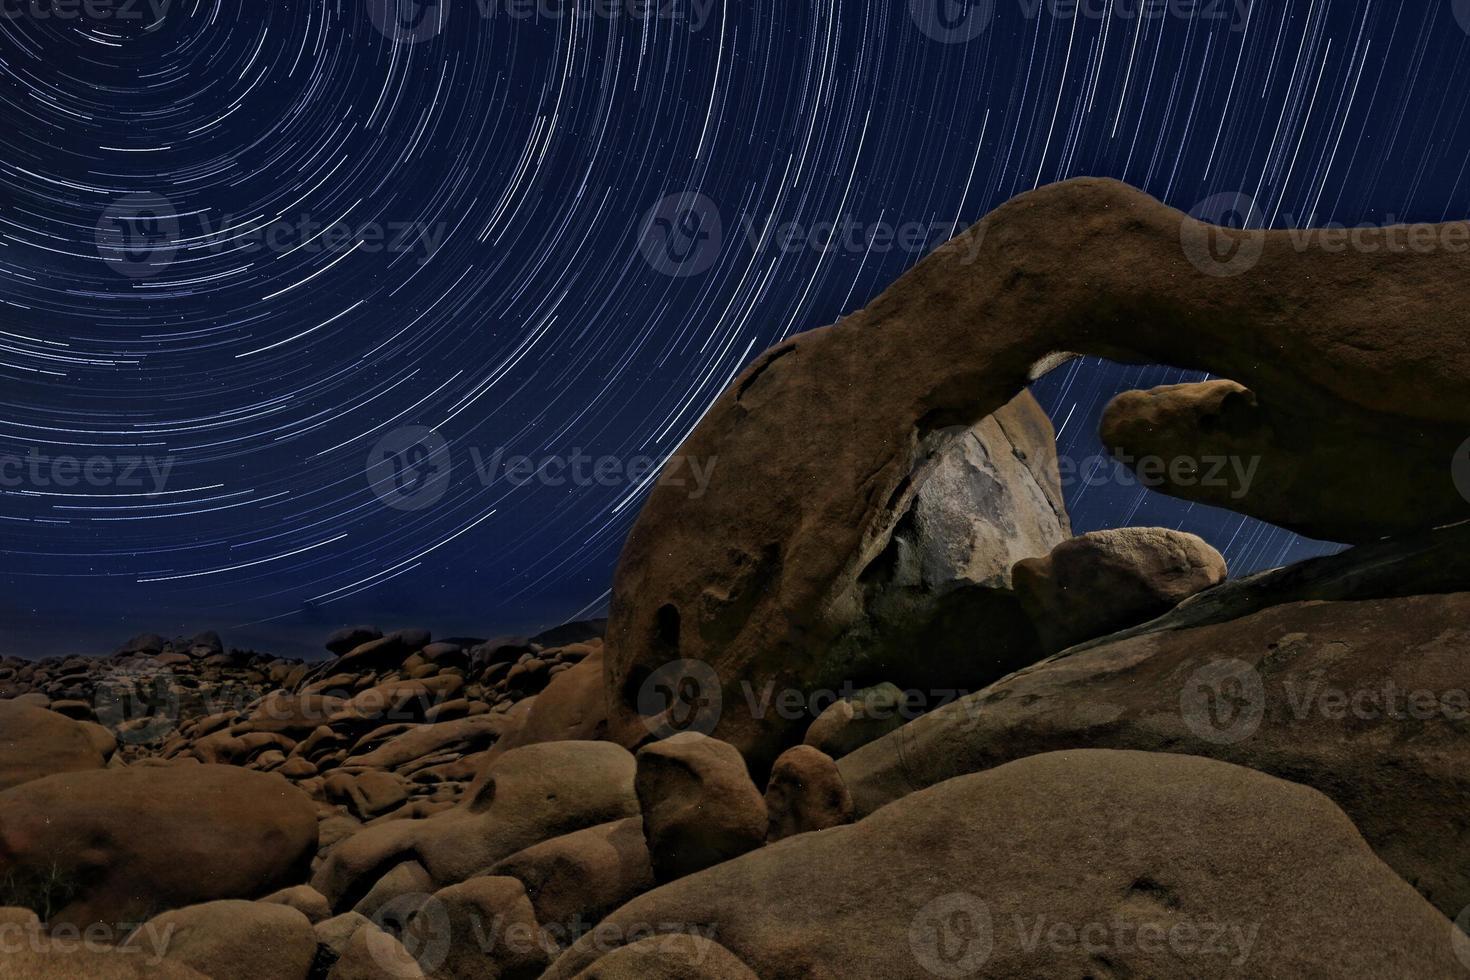 nachtsterspoor strijkt over de rotsen van joshua tree park foto